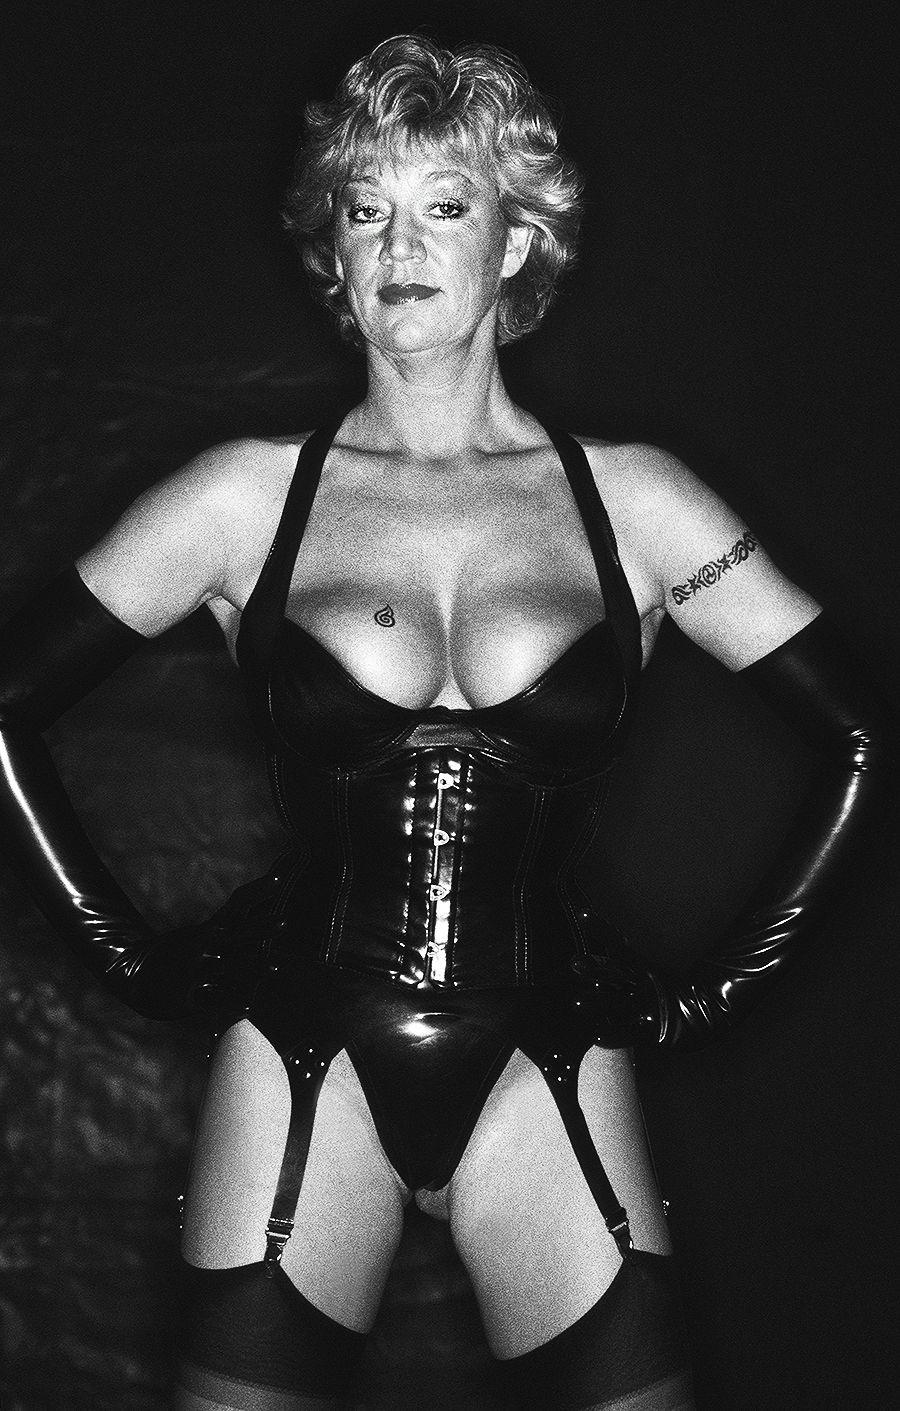 med-Tony_Ward_Wasteland_fetish_photography_transgender_masked_corset_Grand_damme